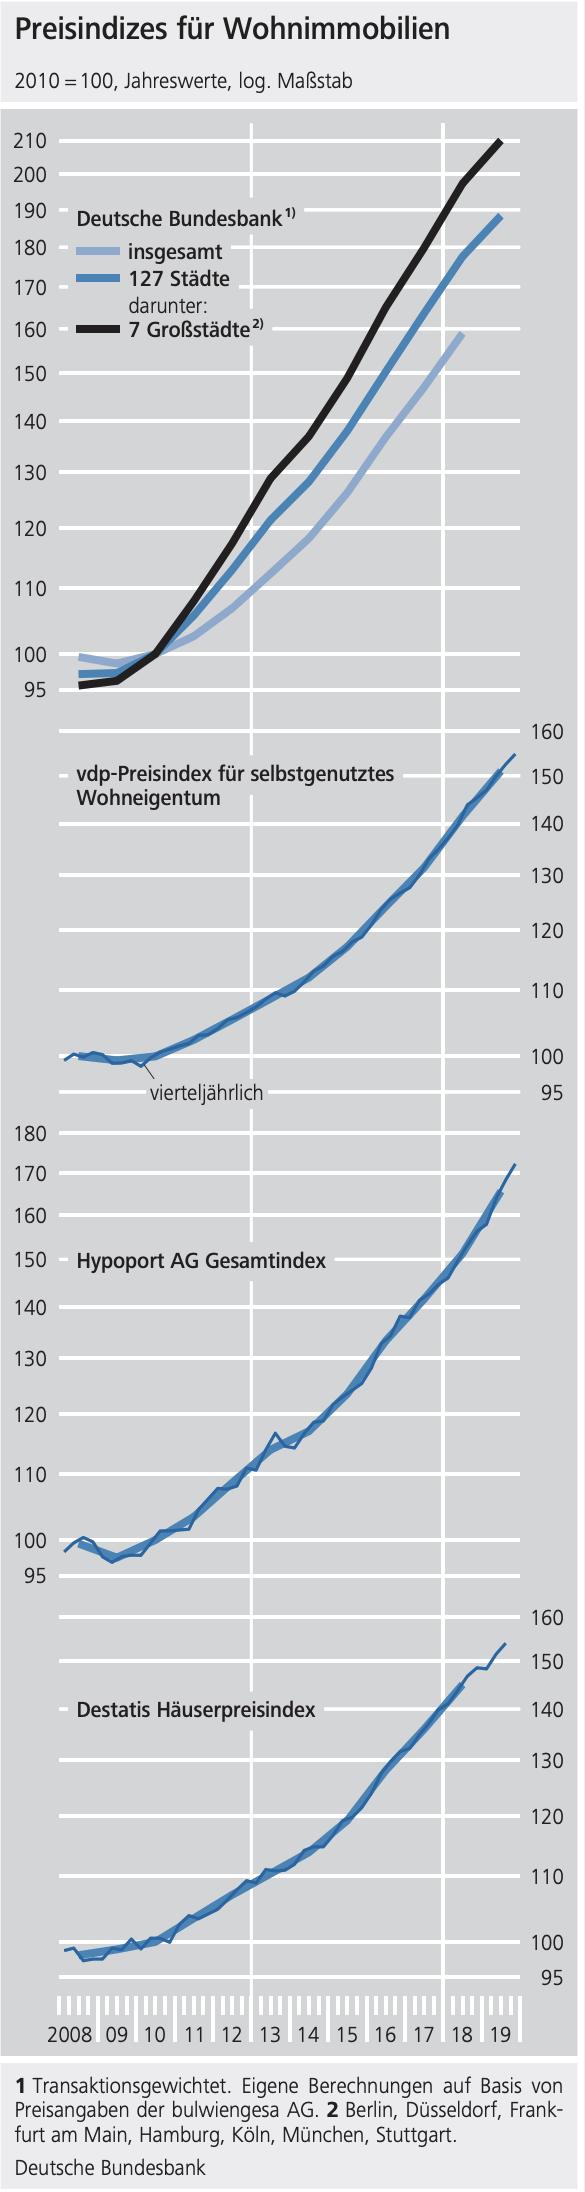 Verschiedene Preisindizes für Immobilien